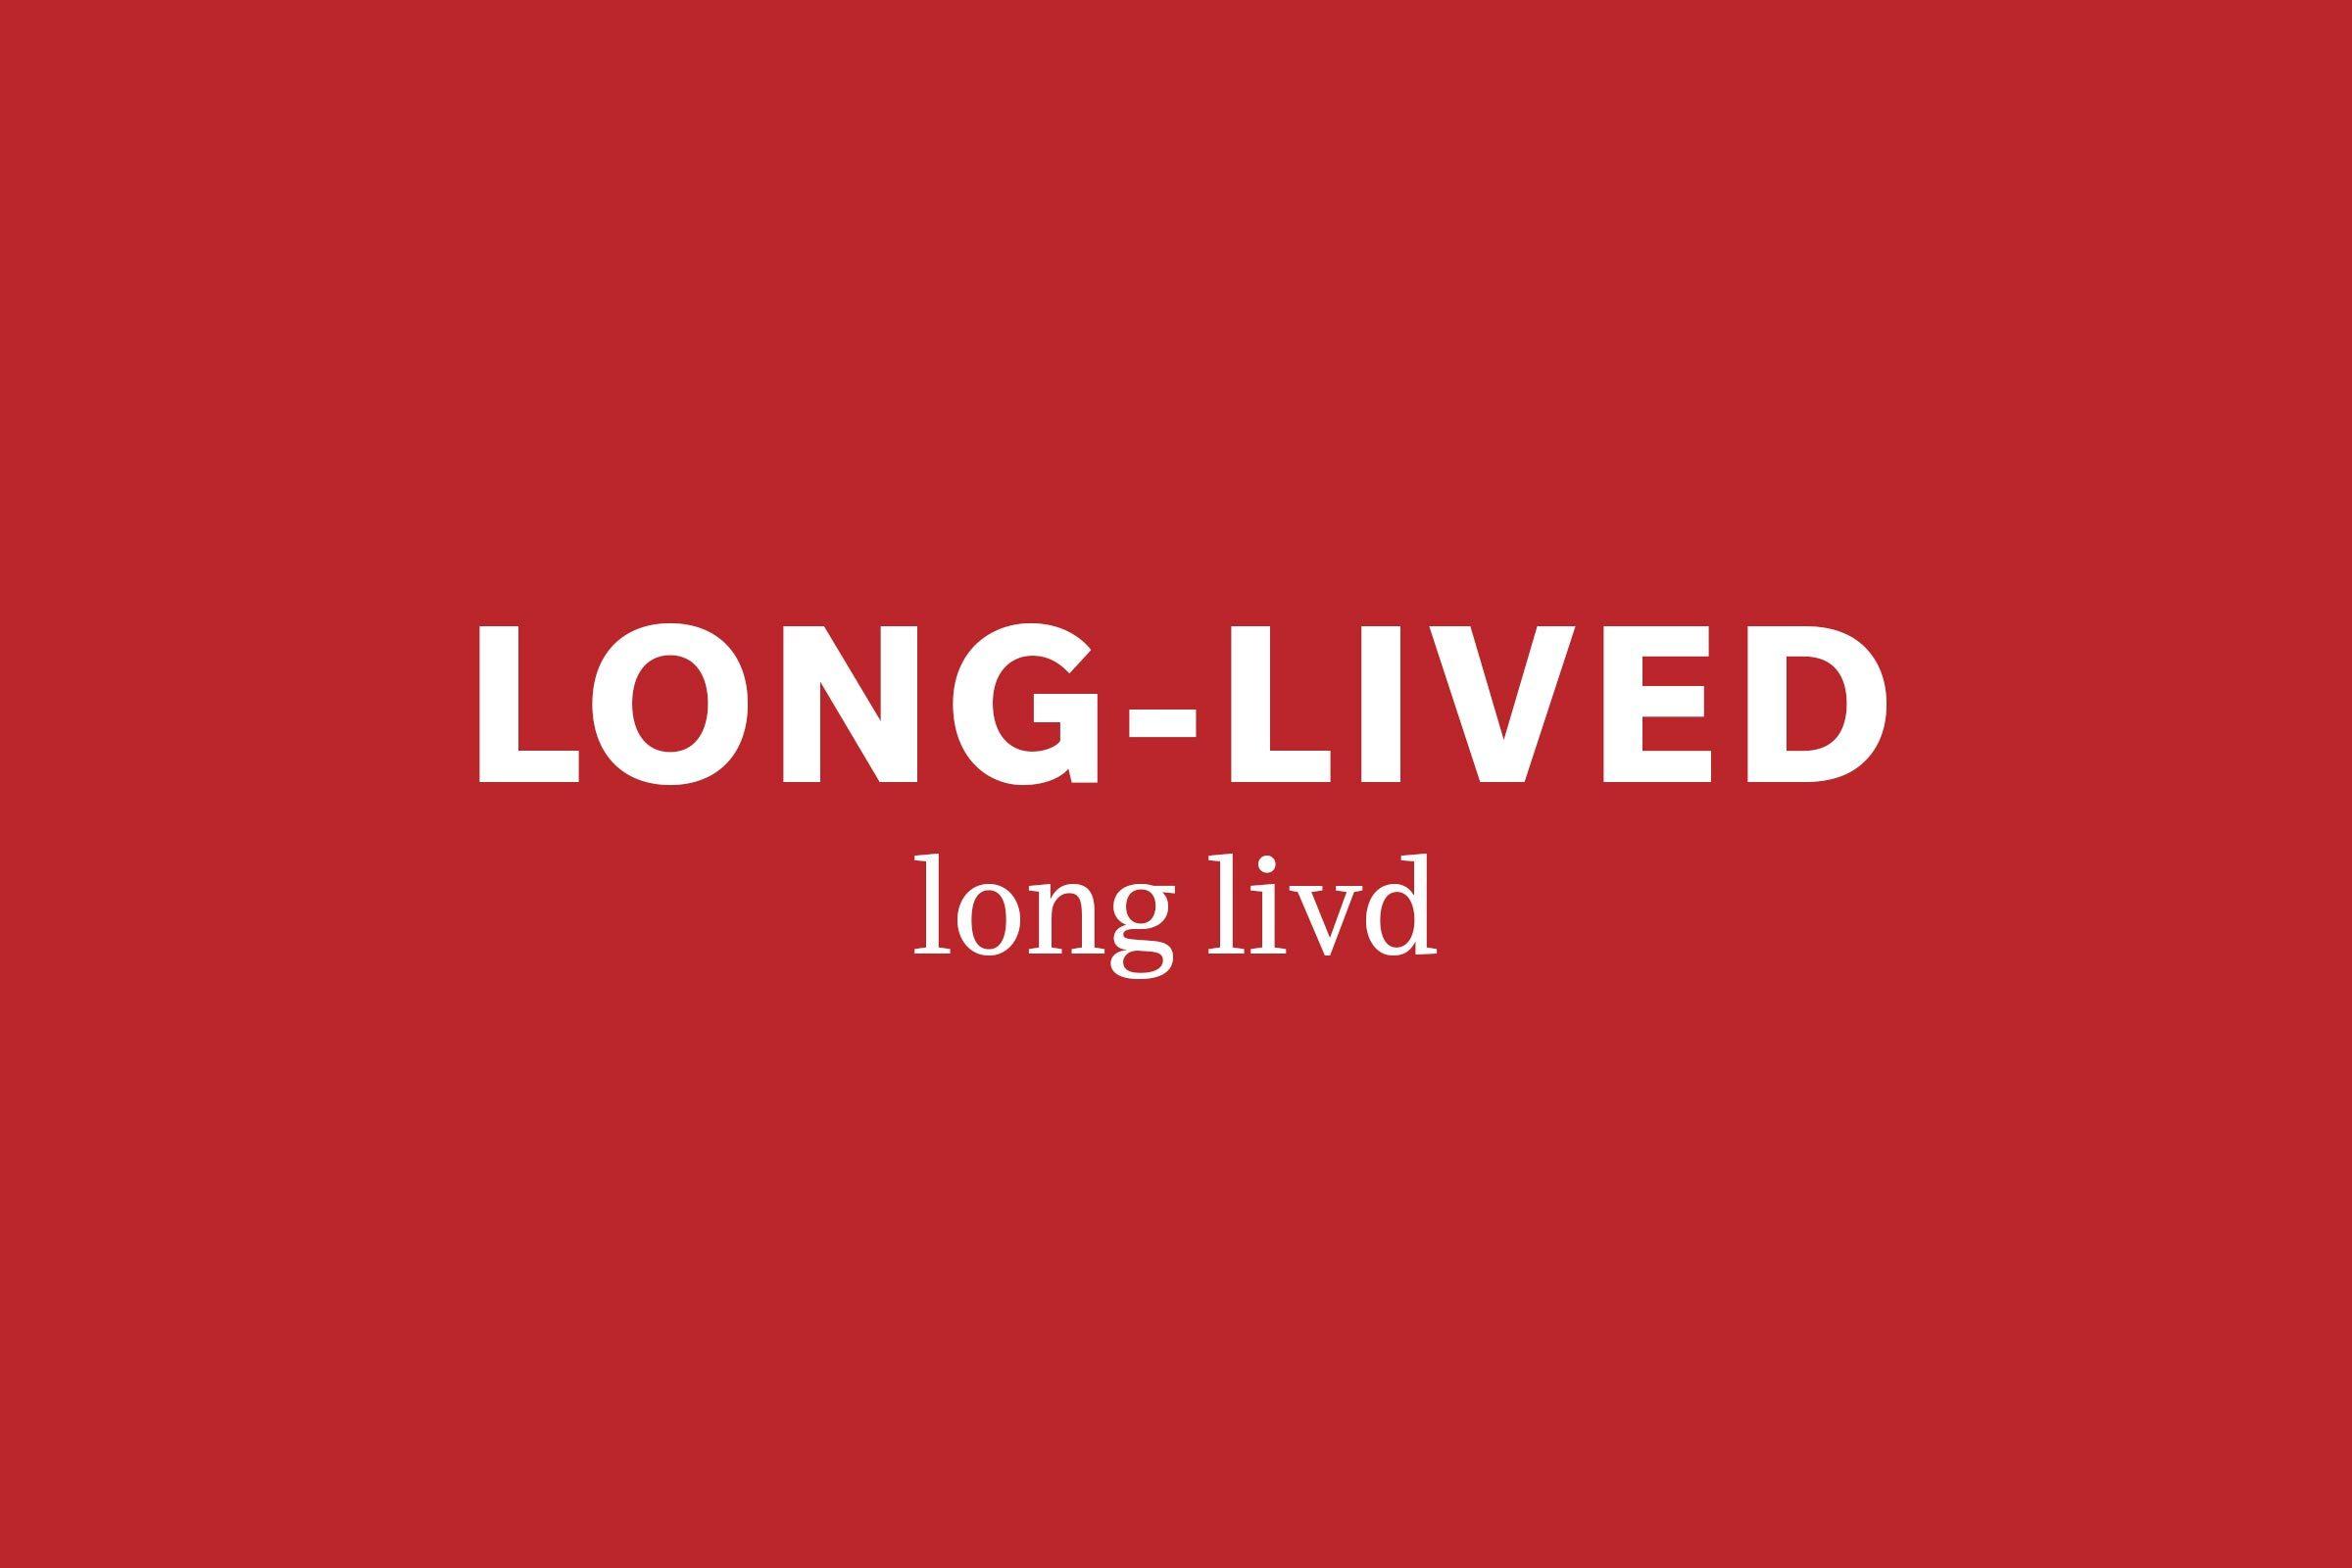 long-lived pronunciation